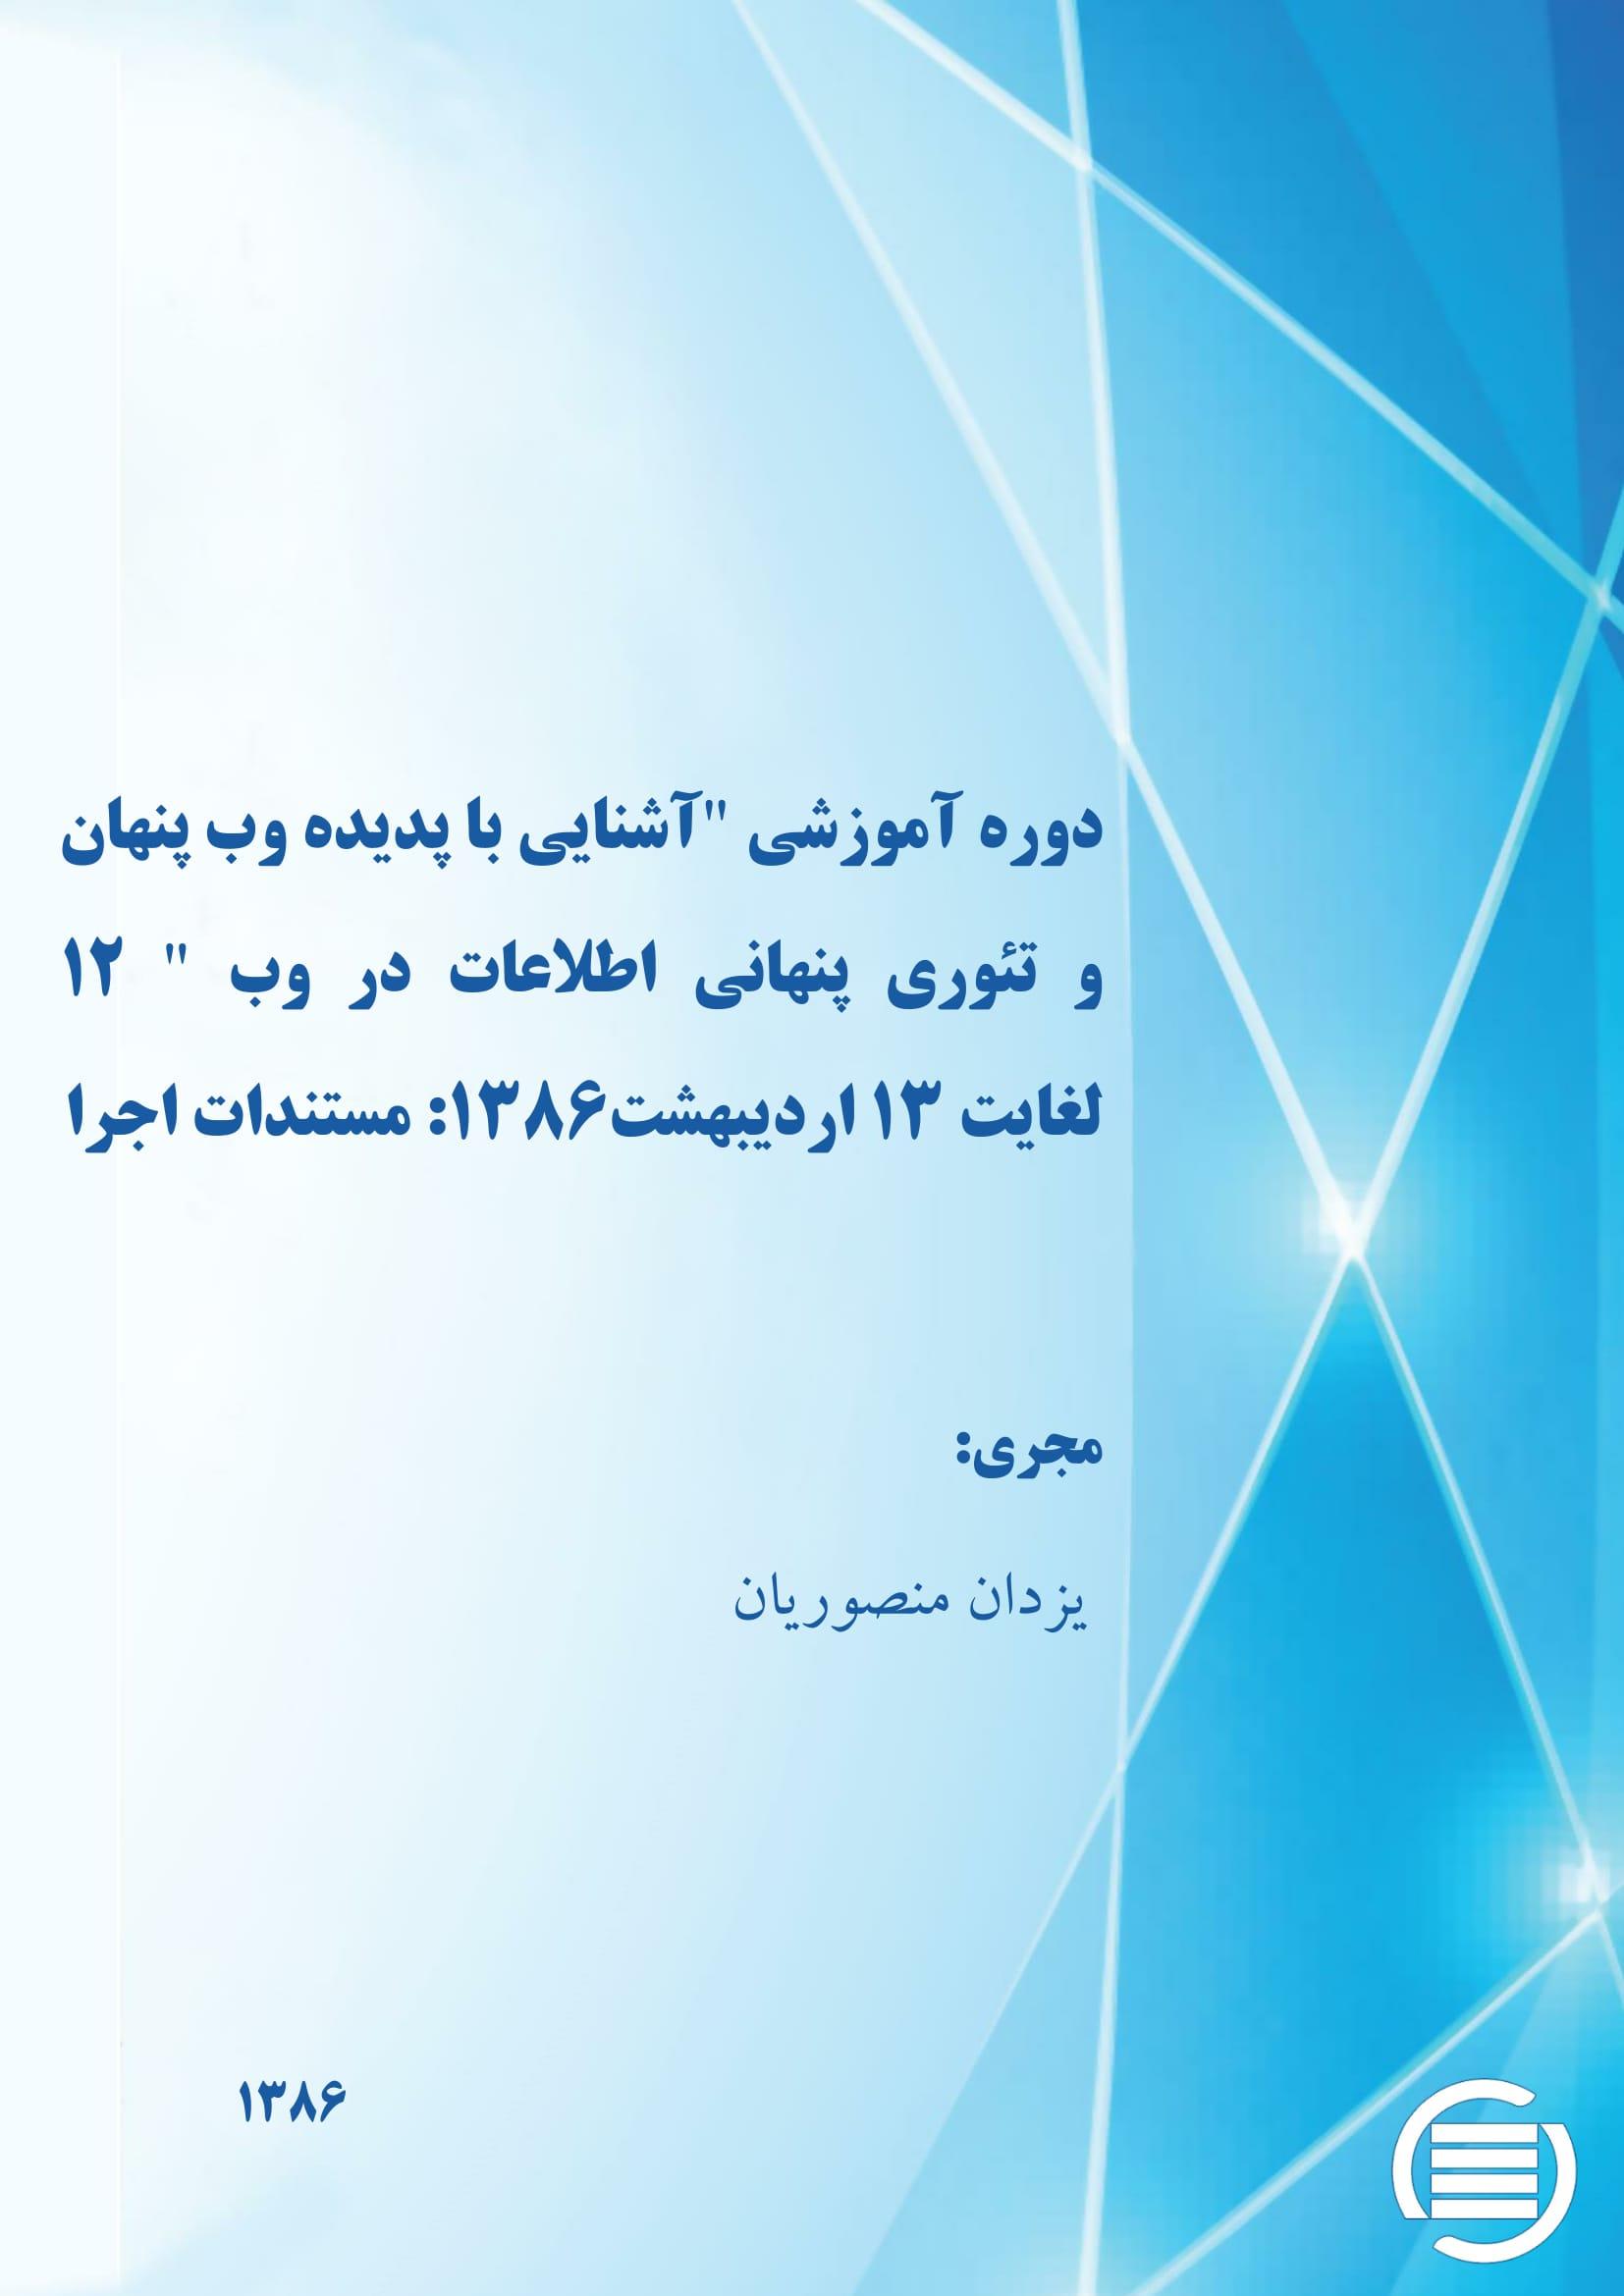 """دوره آموزشی """" آشنایی با پدیده وب پنهان و تئوری پنهانی اطلاعات در وب"""" ۱۲ لغایت ۱۳ اردیبهشت 1386: مستندات اجرا """